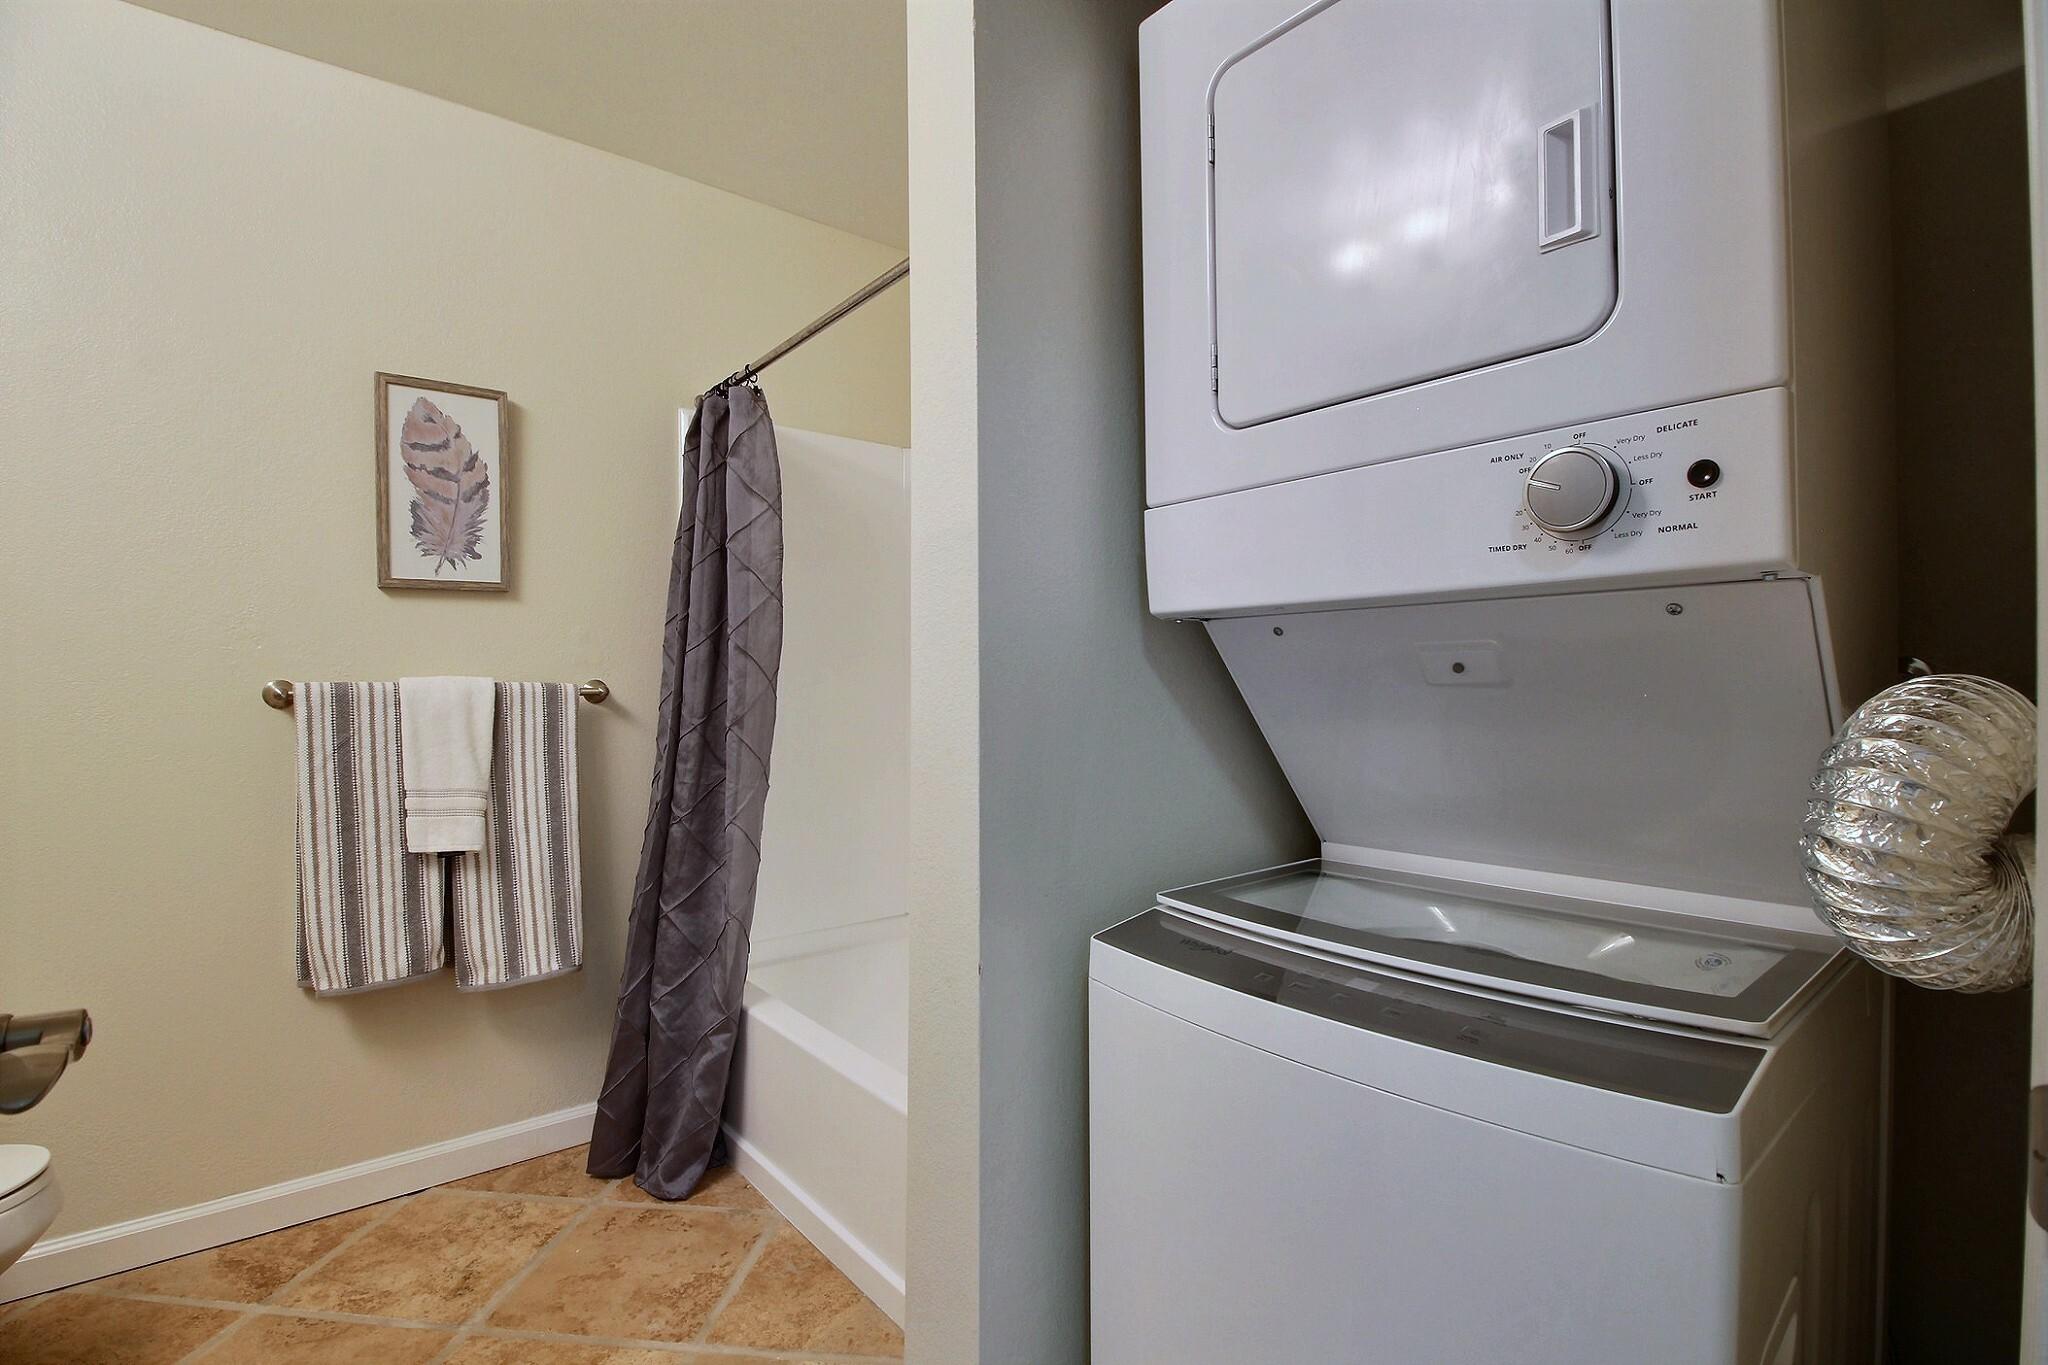 exposio_10_laundry_room_01_973_catkin_ct_s